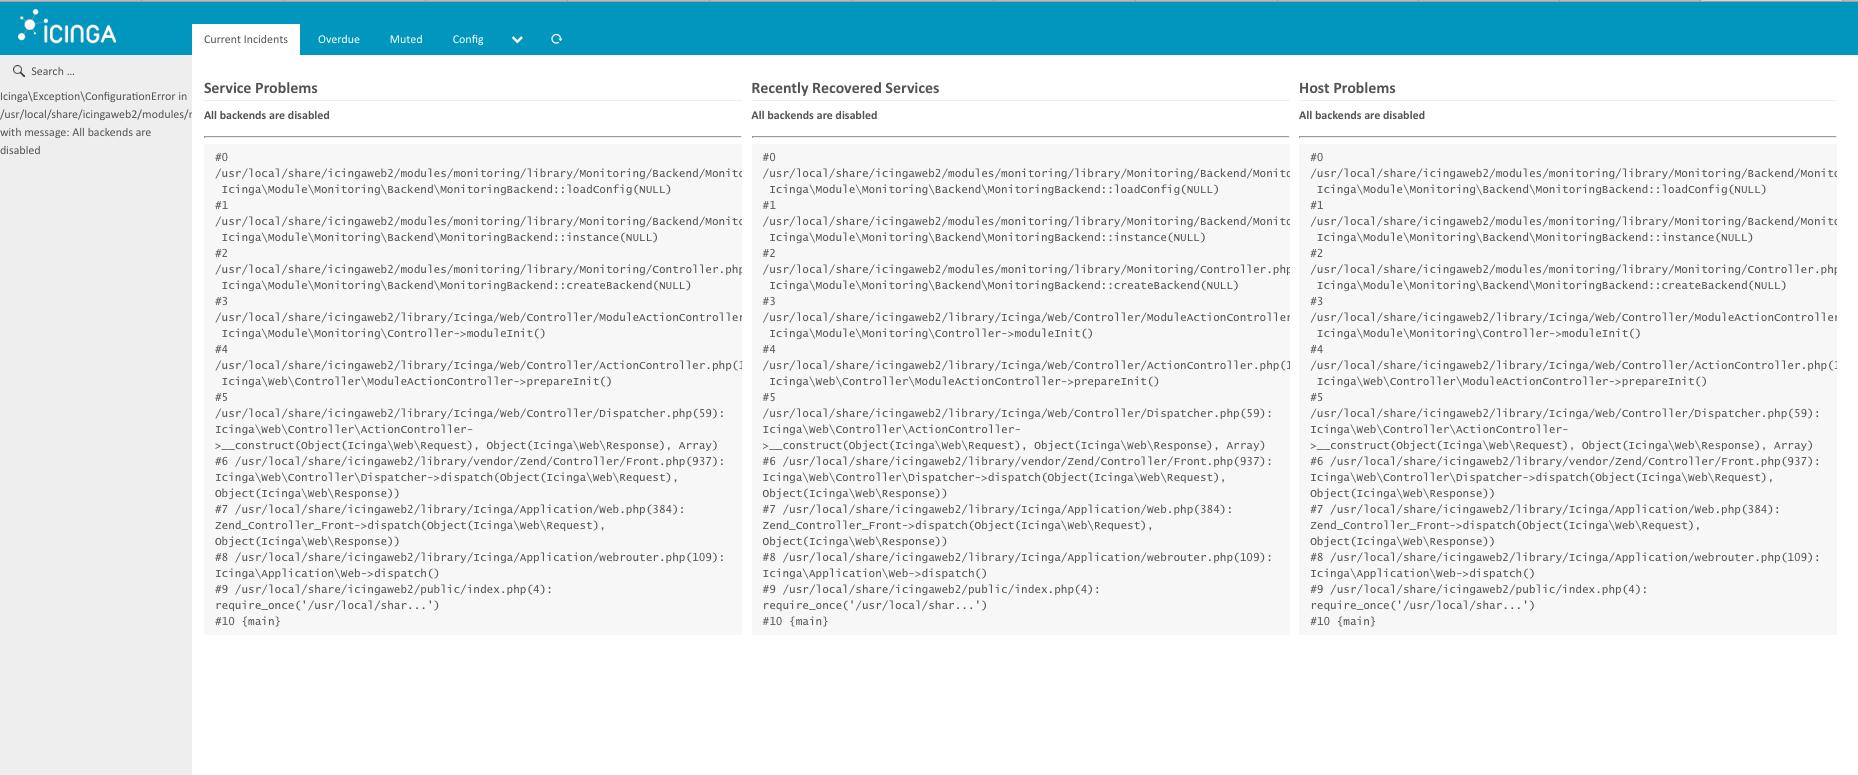 icingaweb2_menu_all_backeds_disabled.png